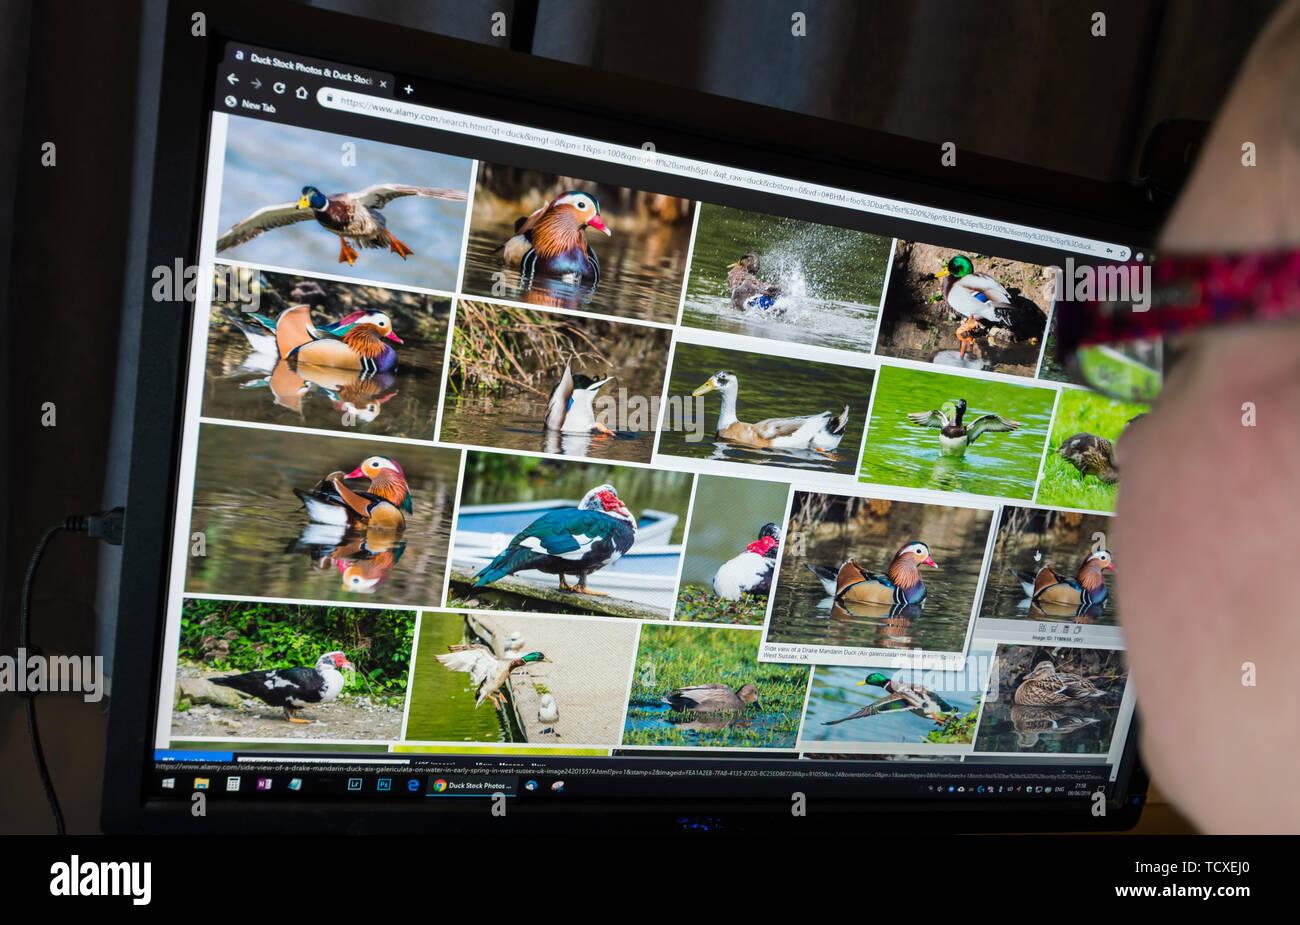 Donna seduta a un monitor di un computer navigando attraverso le immagini della fauna selvatica su una fotografia stock sito web. Immagini Stock